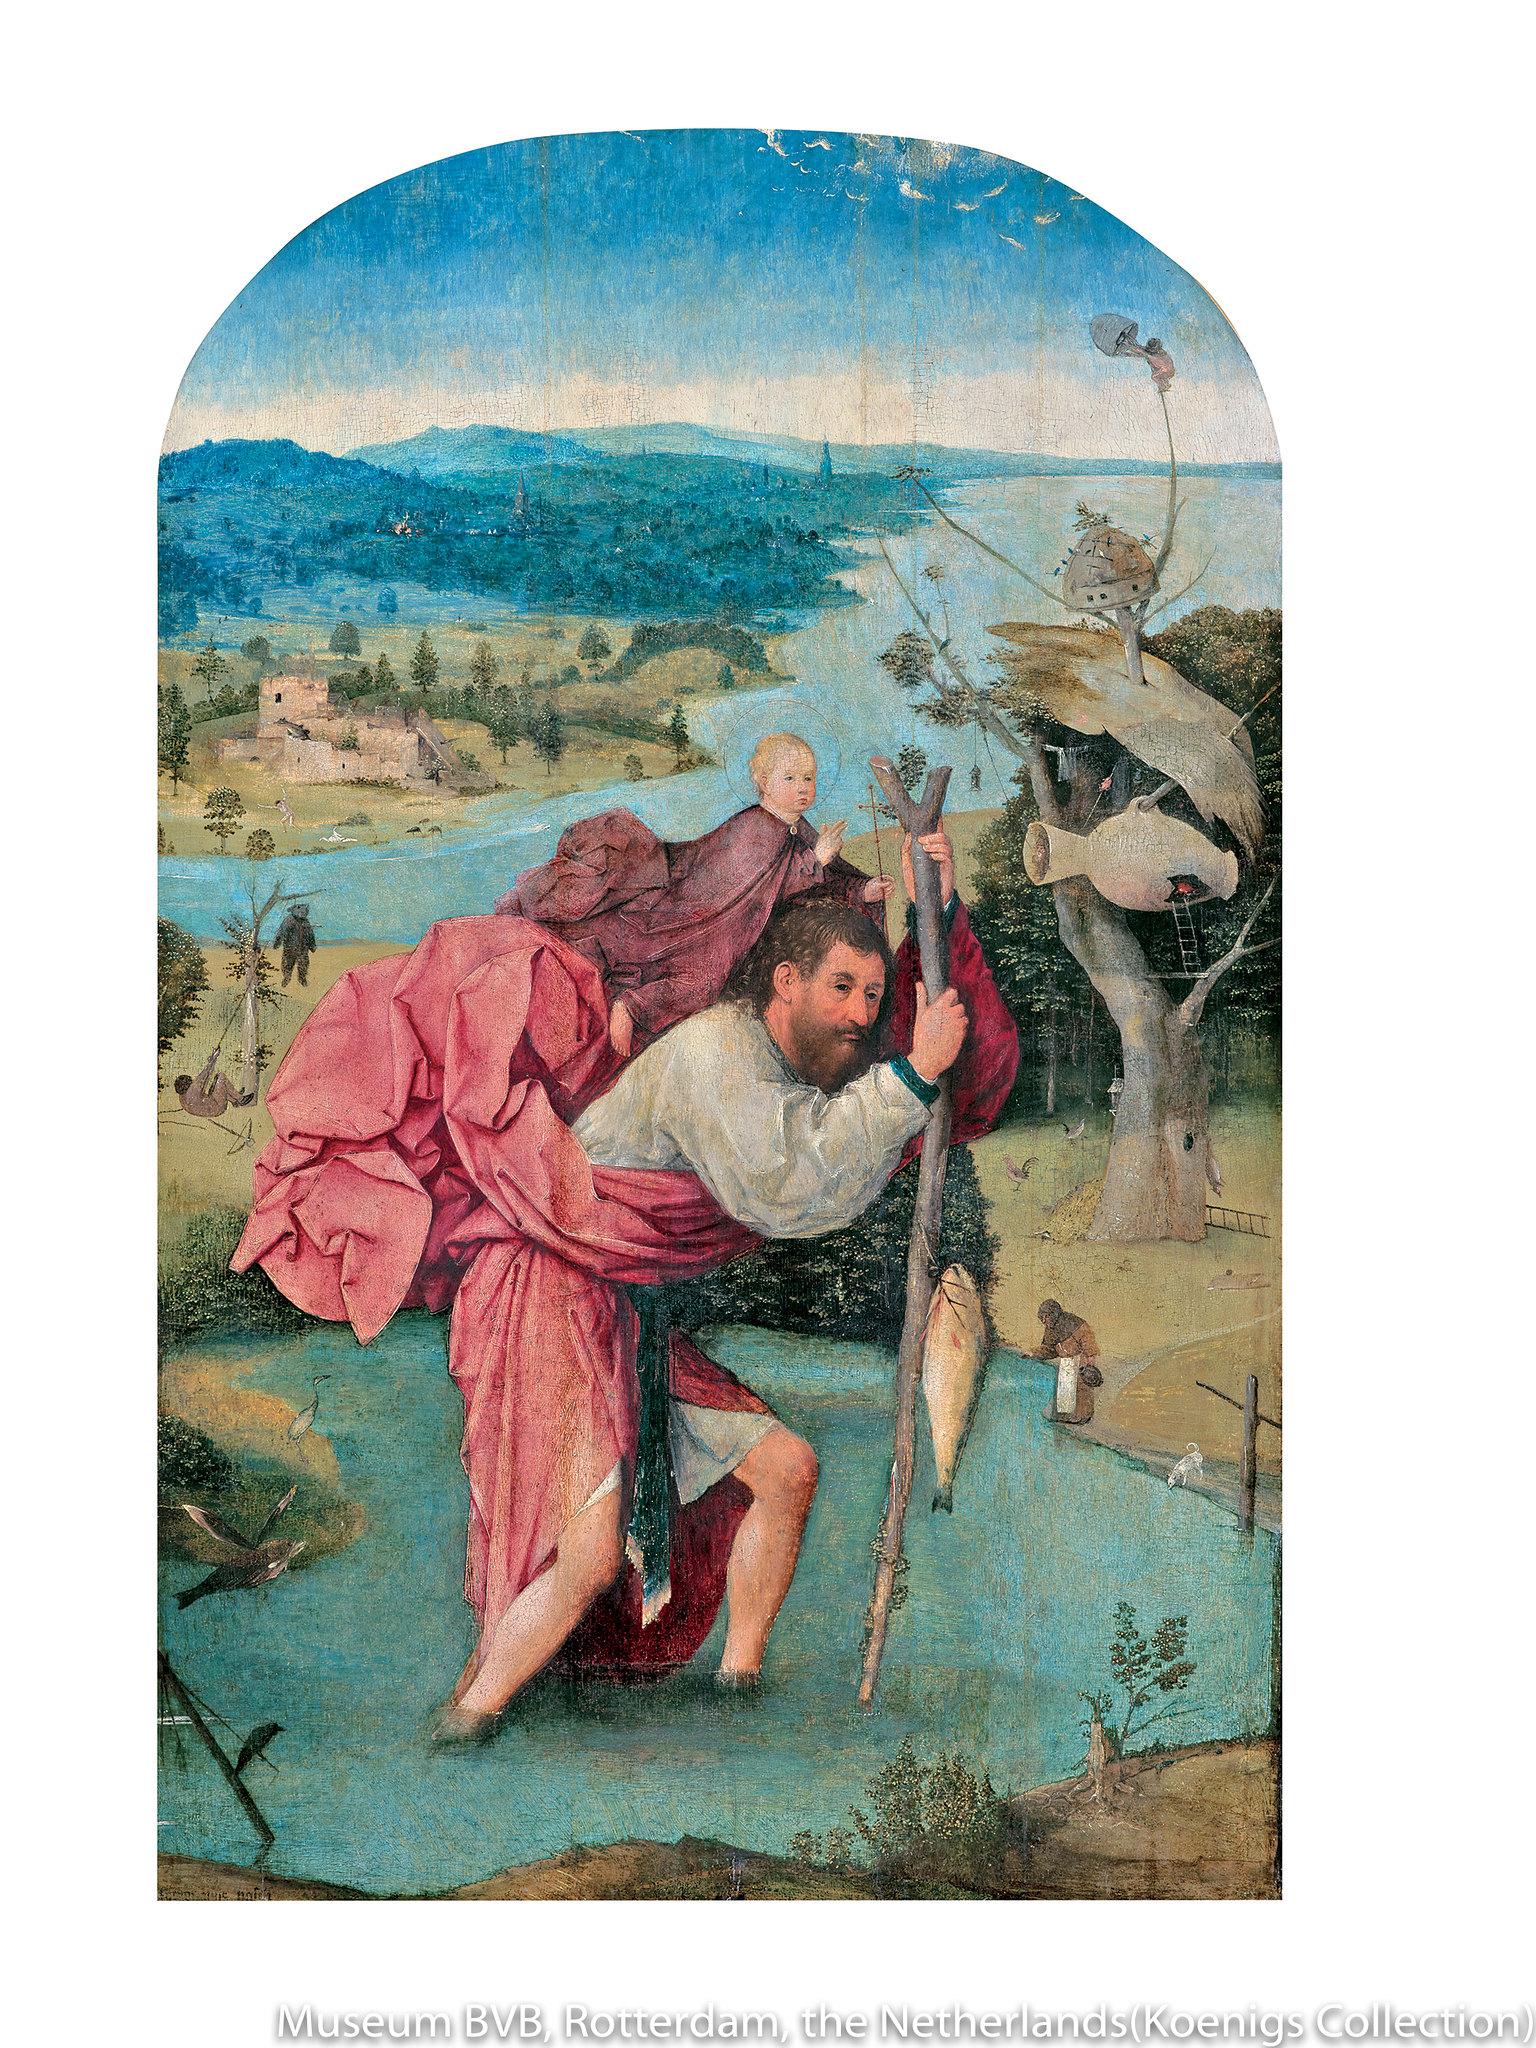 ヒエロニムス・ボス《聖クリストフォロス》(1500年頃)